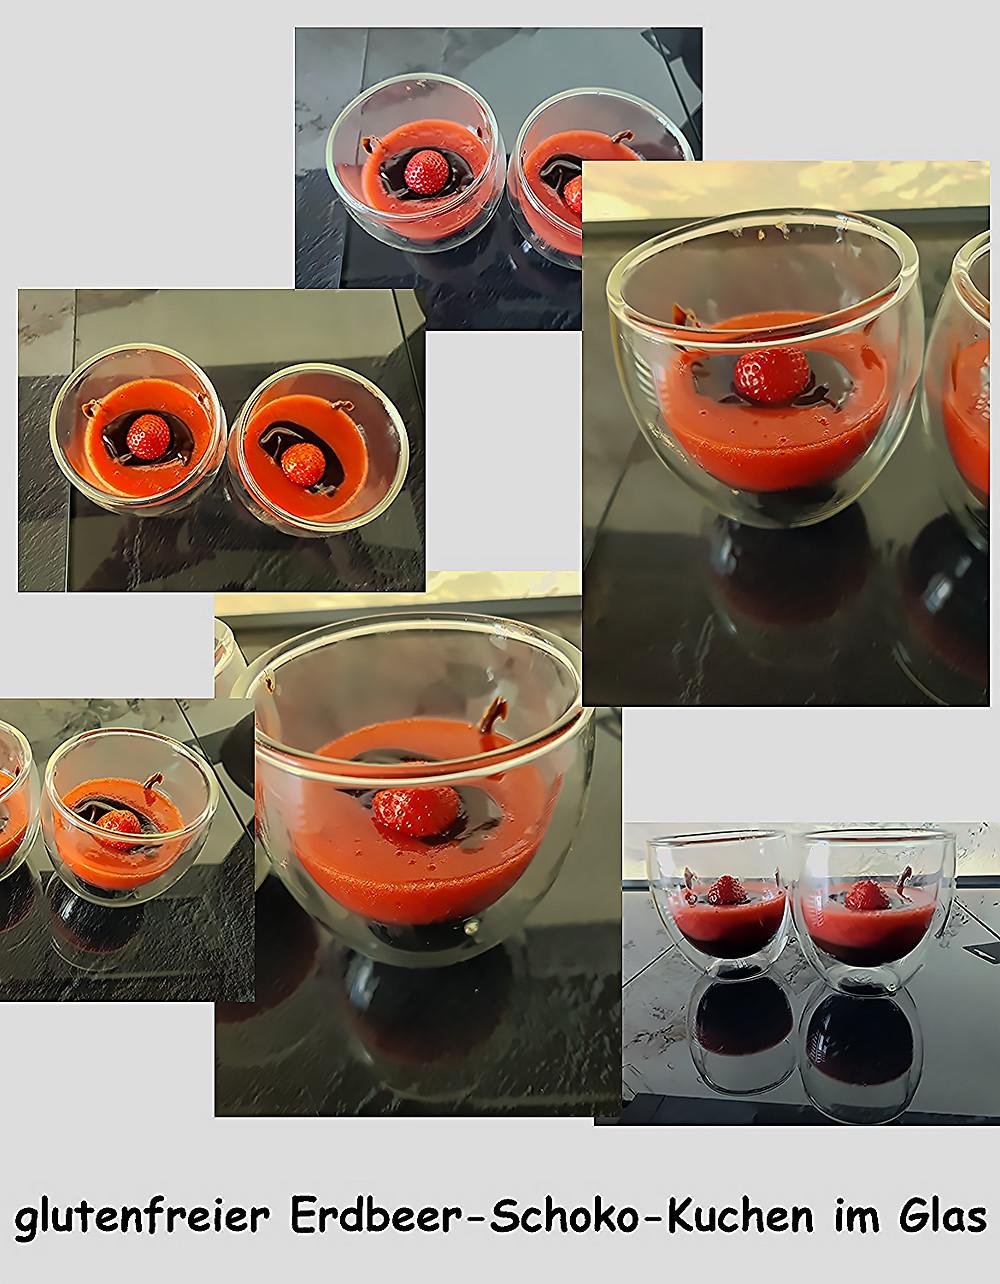 glutenfreier Kuchen im Glas aus Schokolade und Erdbeeren